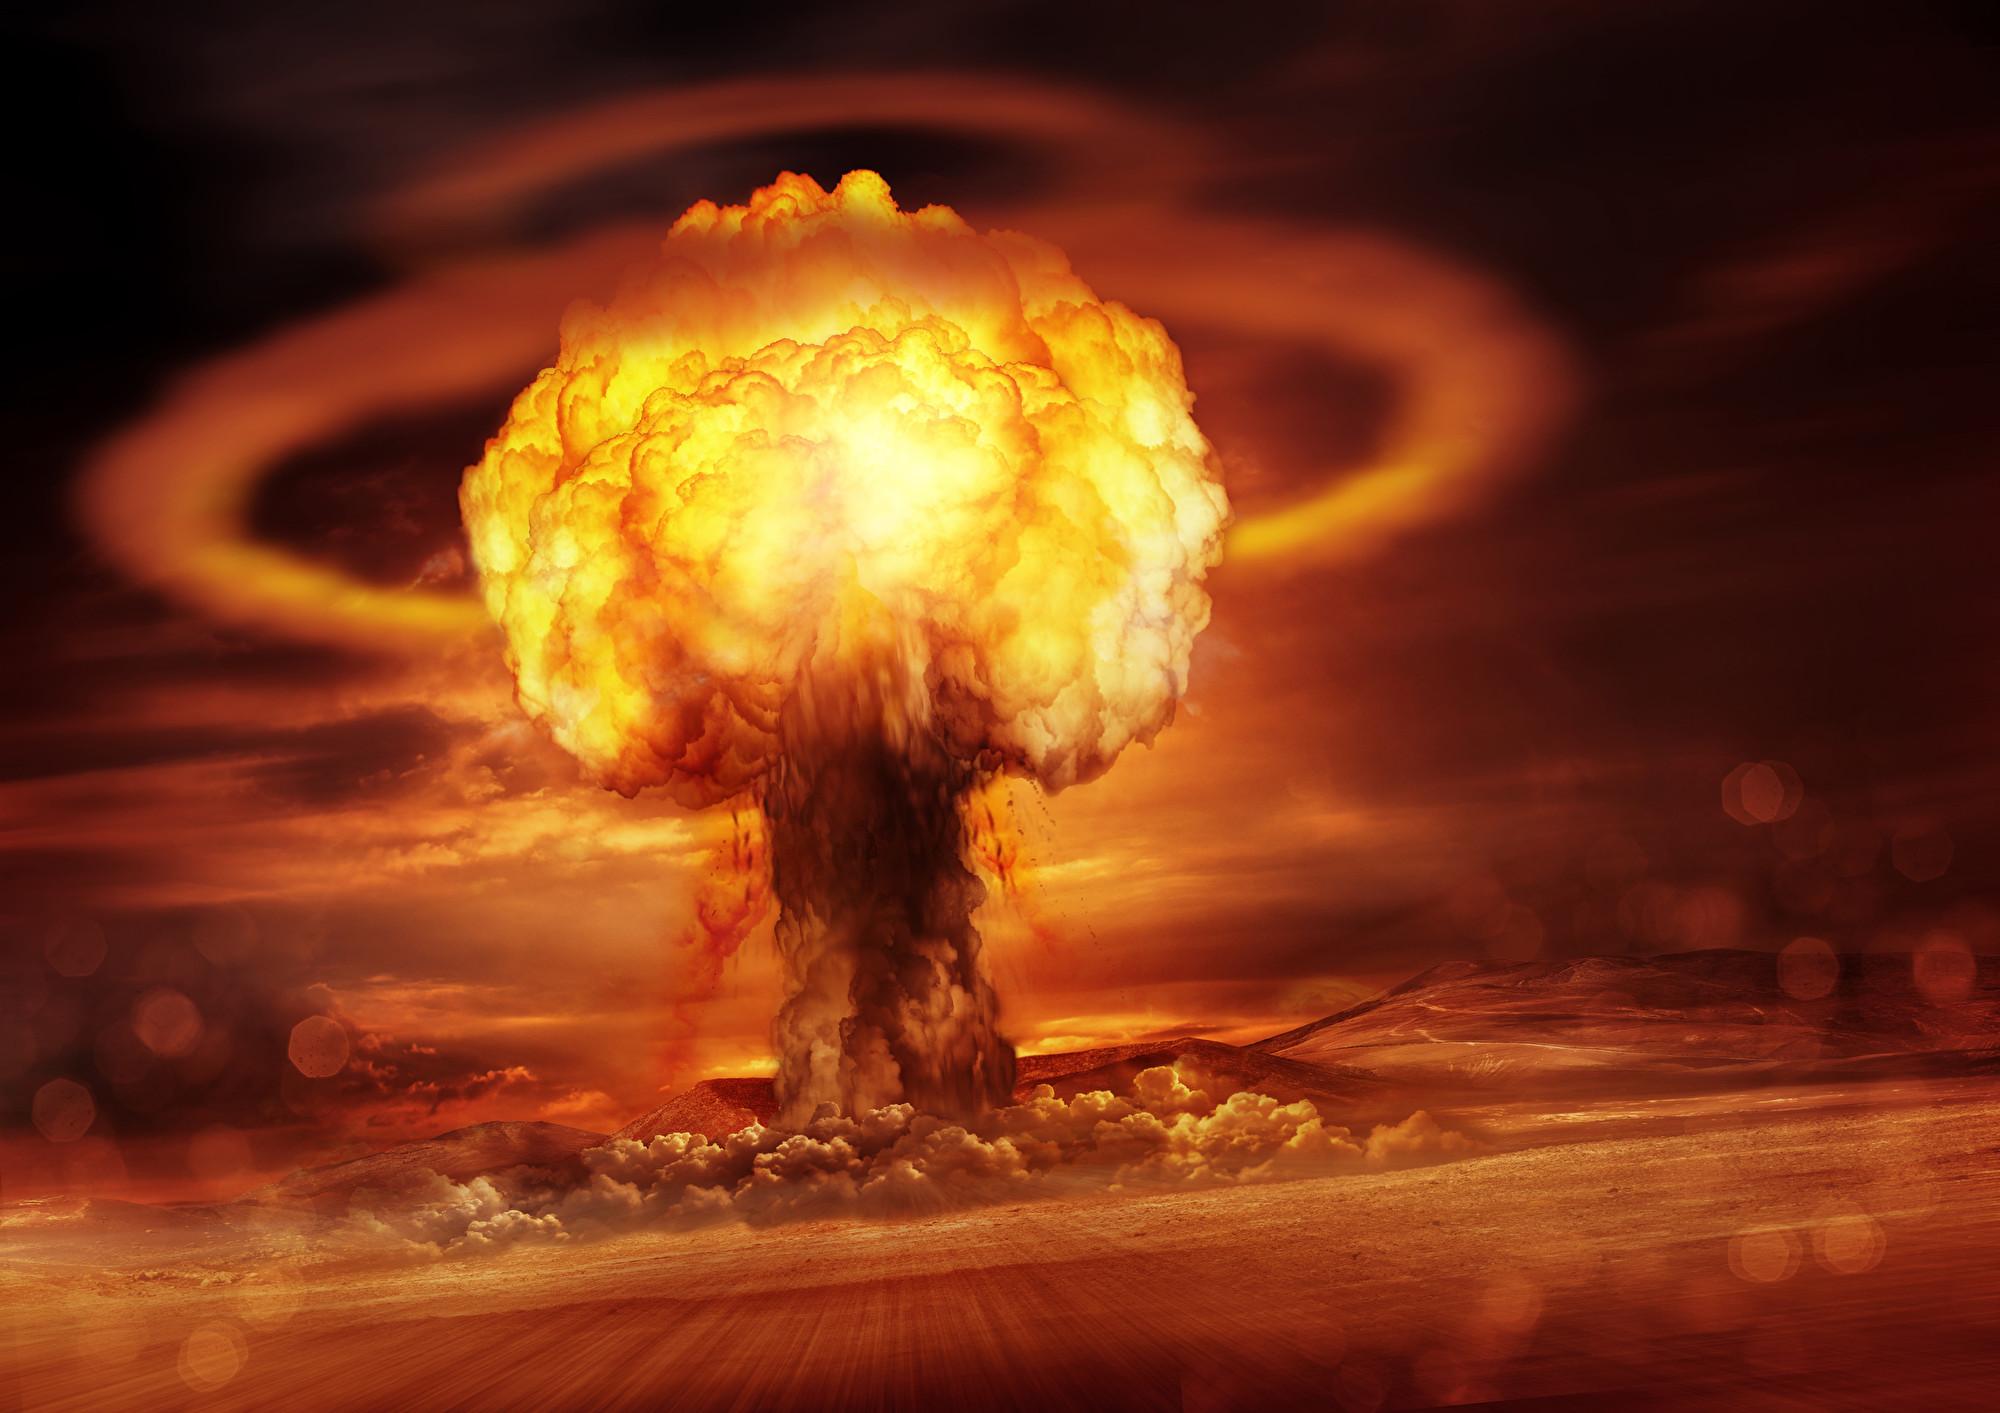 美MIT科學家開發新方法 可驗證核彈真偽